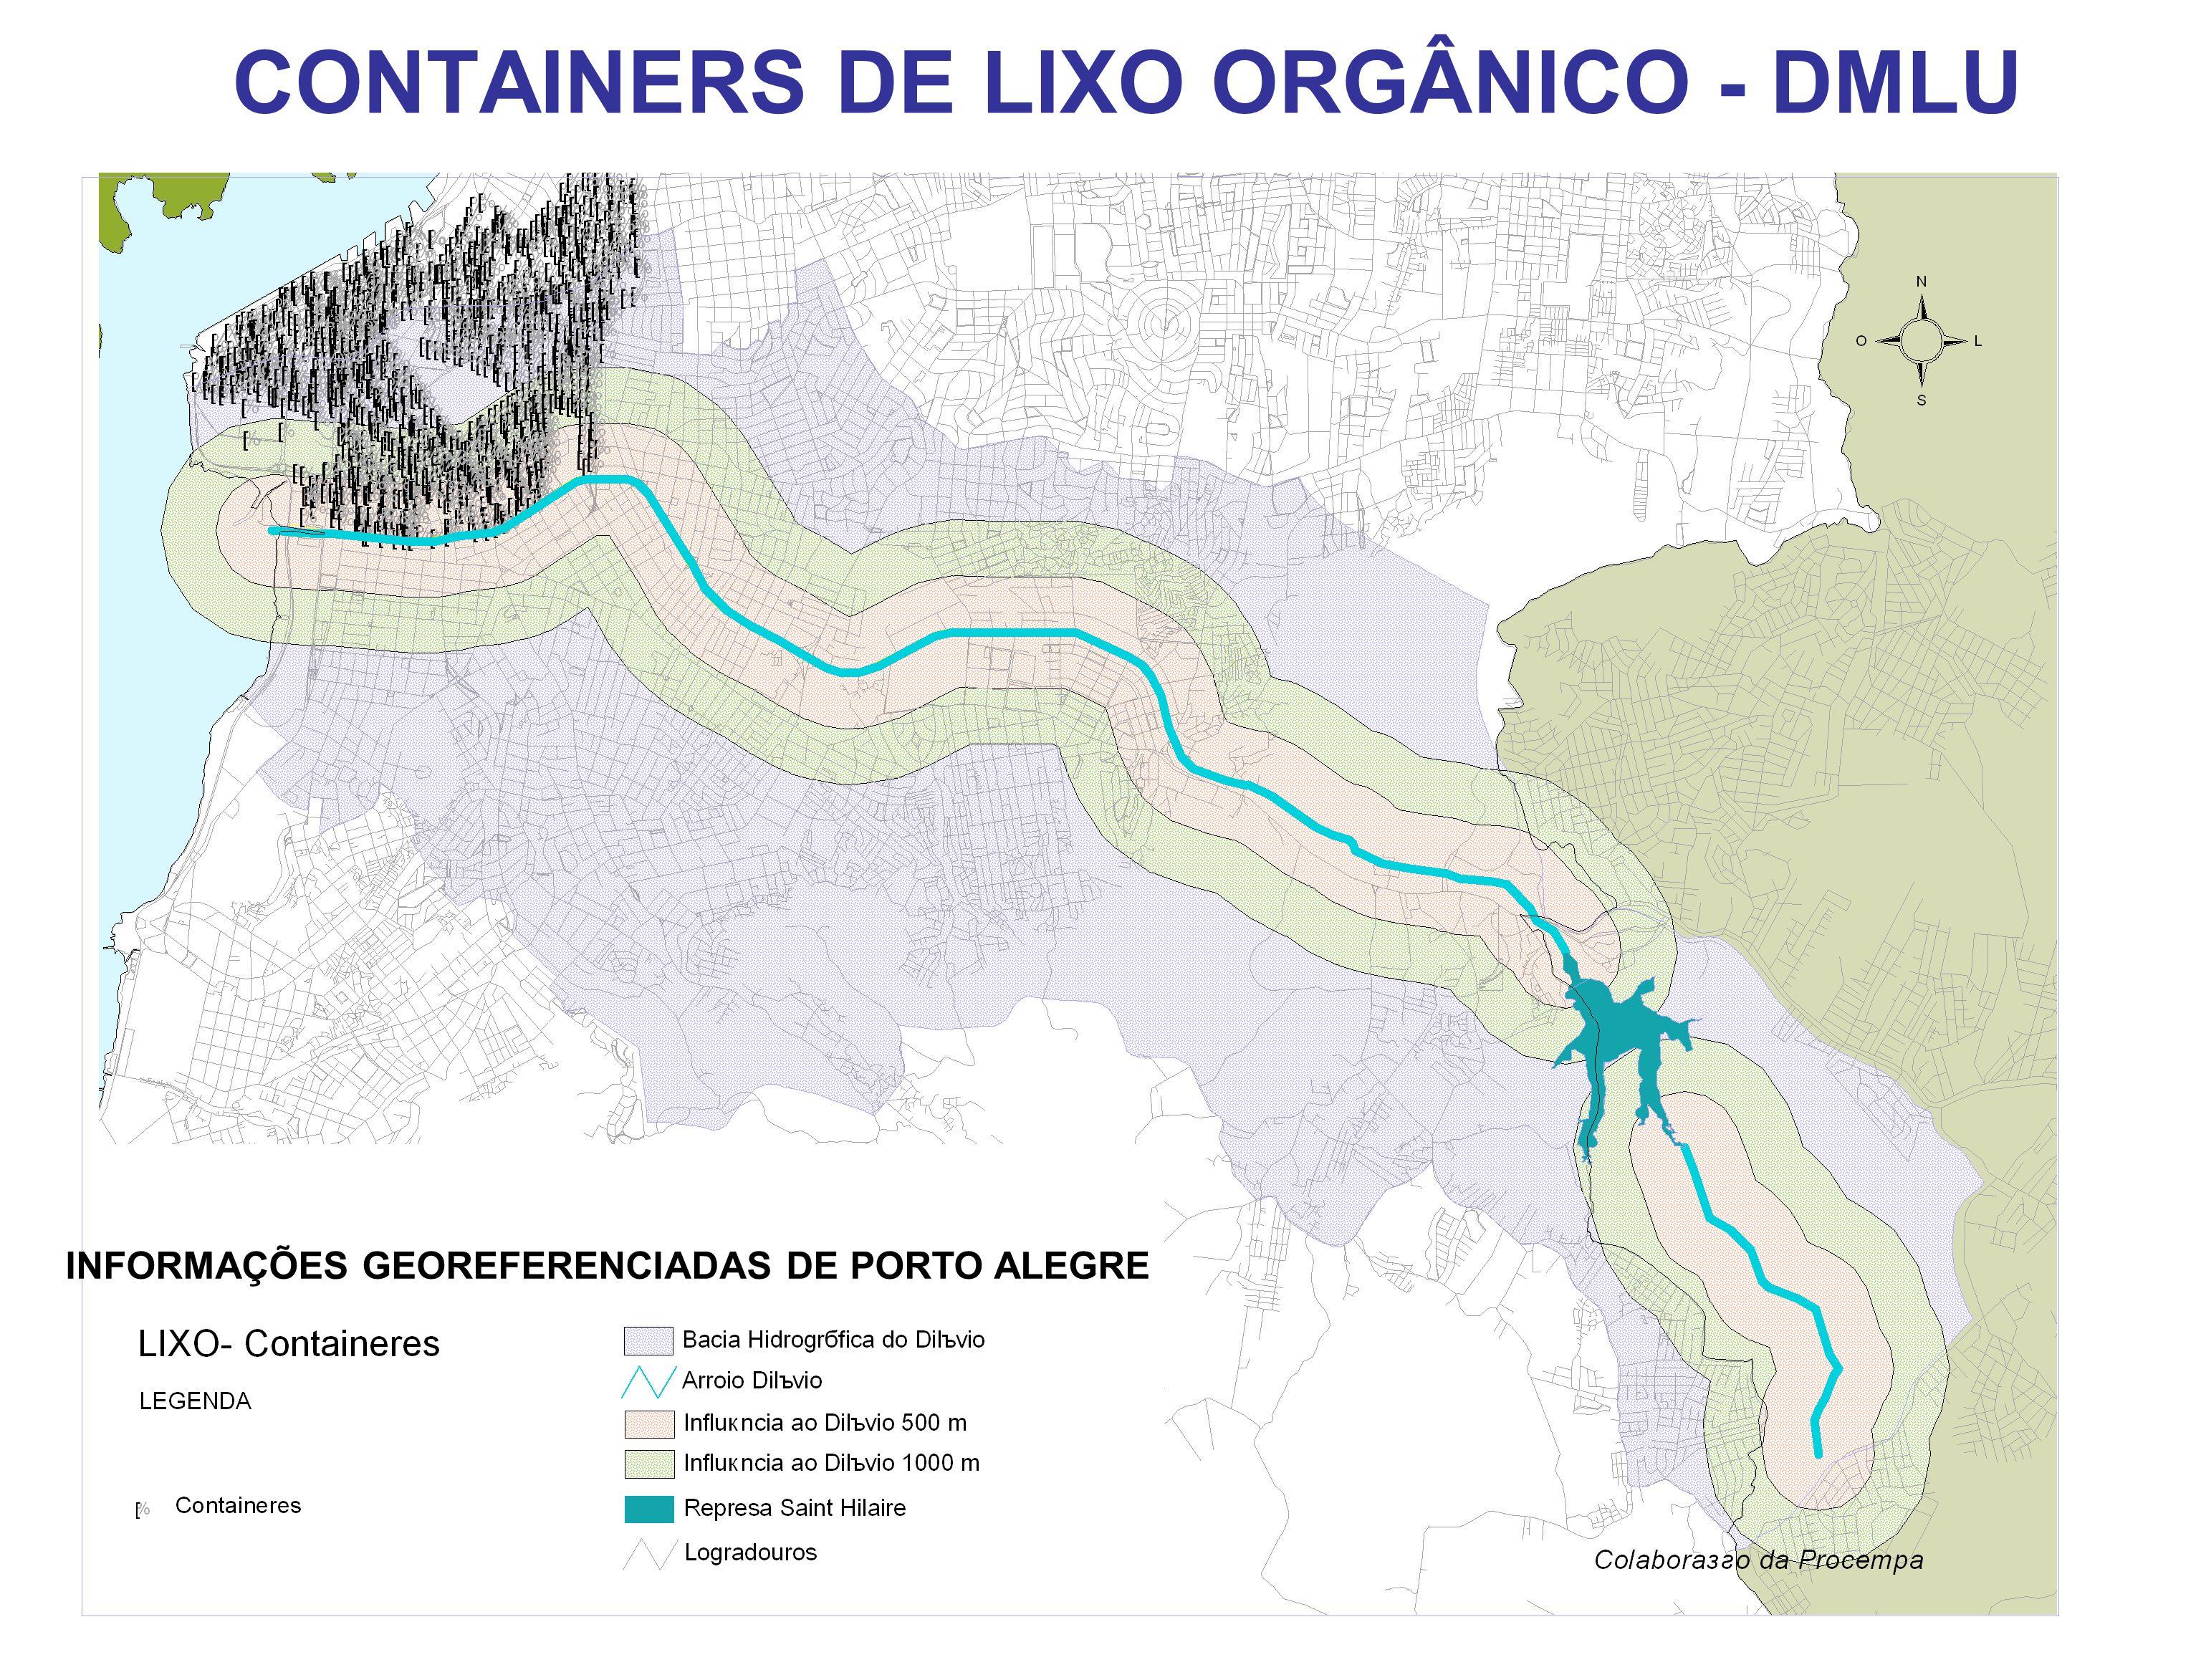 CONTAINERS DE LIXO ORGÂNICO - DMLU INFORMAÇÕES GEOREFERENCIADAS DE PORTO ALEGRE